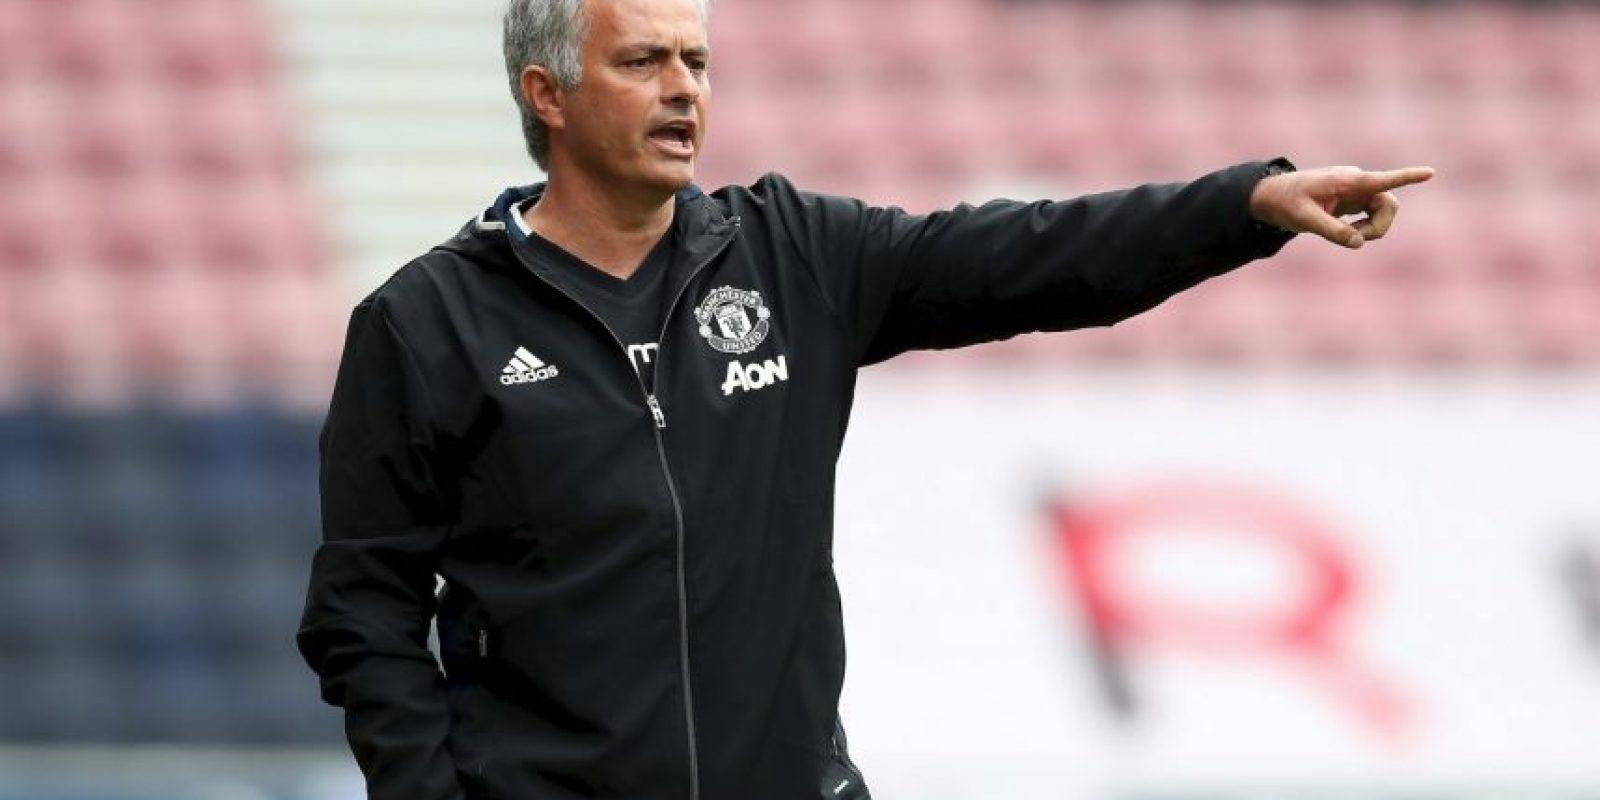 Ahora, los Diablos Rojos, viajarán a China para disputar partidos con el Borussia Dortmund y Manchester City Foto:Getty Images